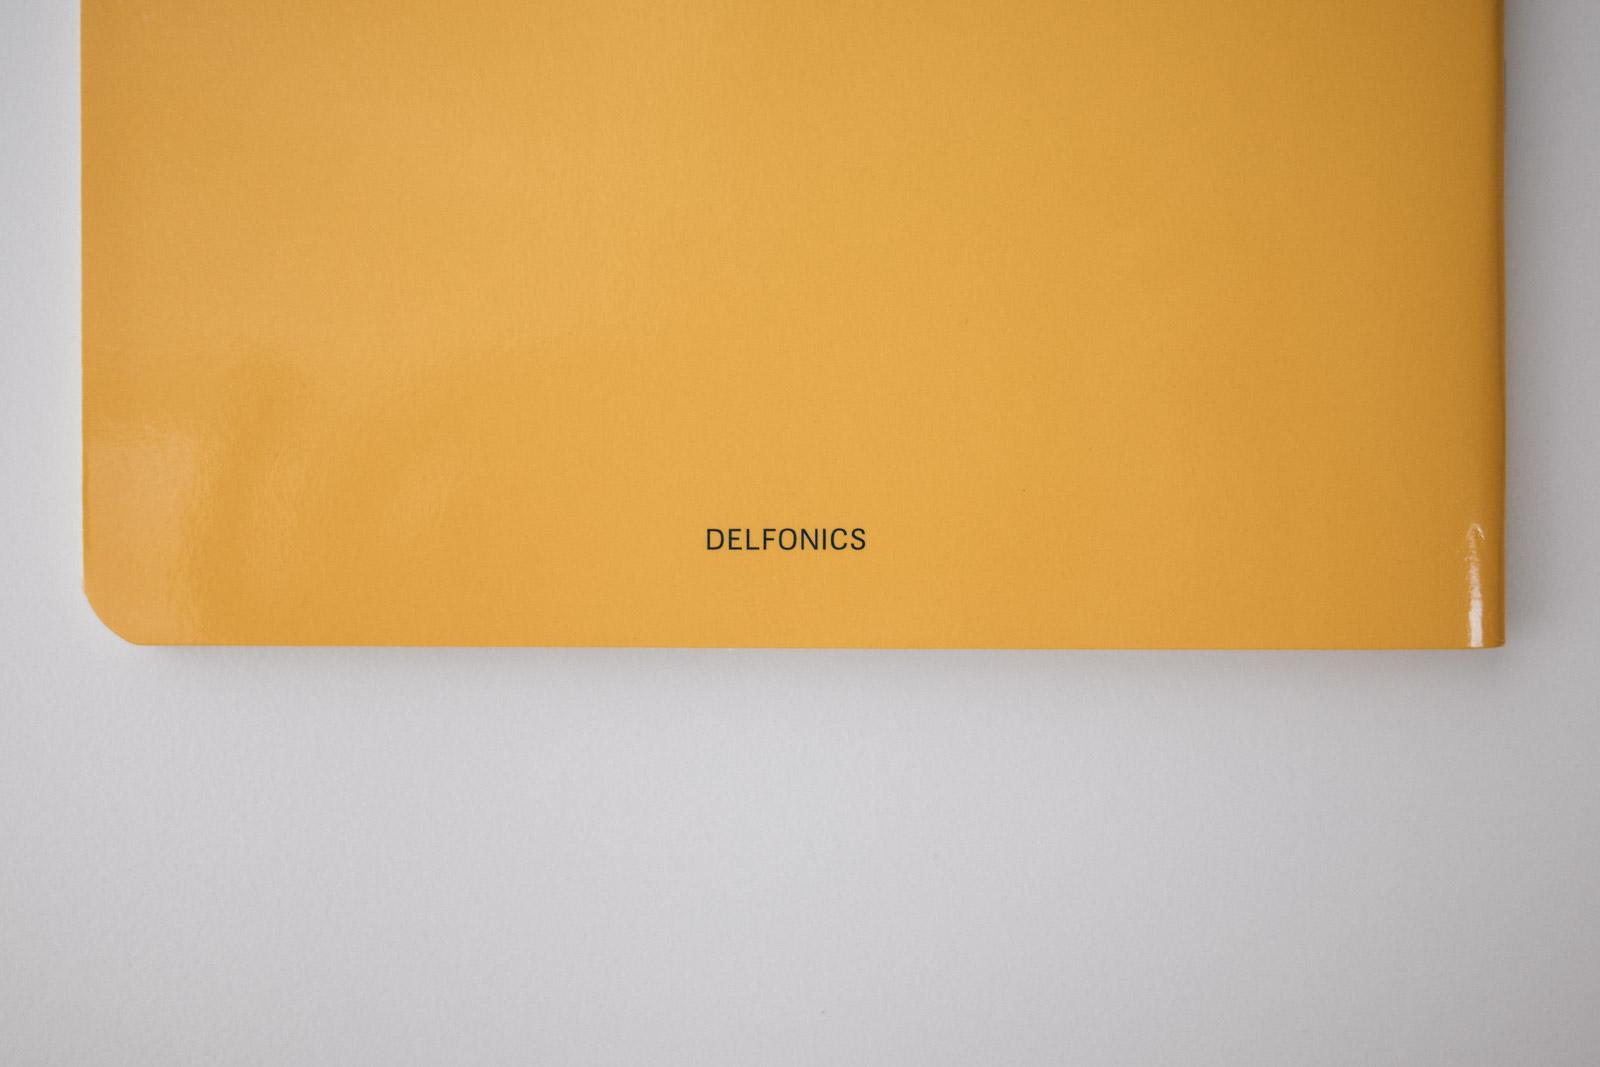 DELFONICSのロゴ